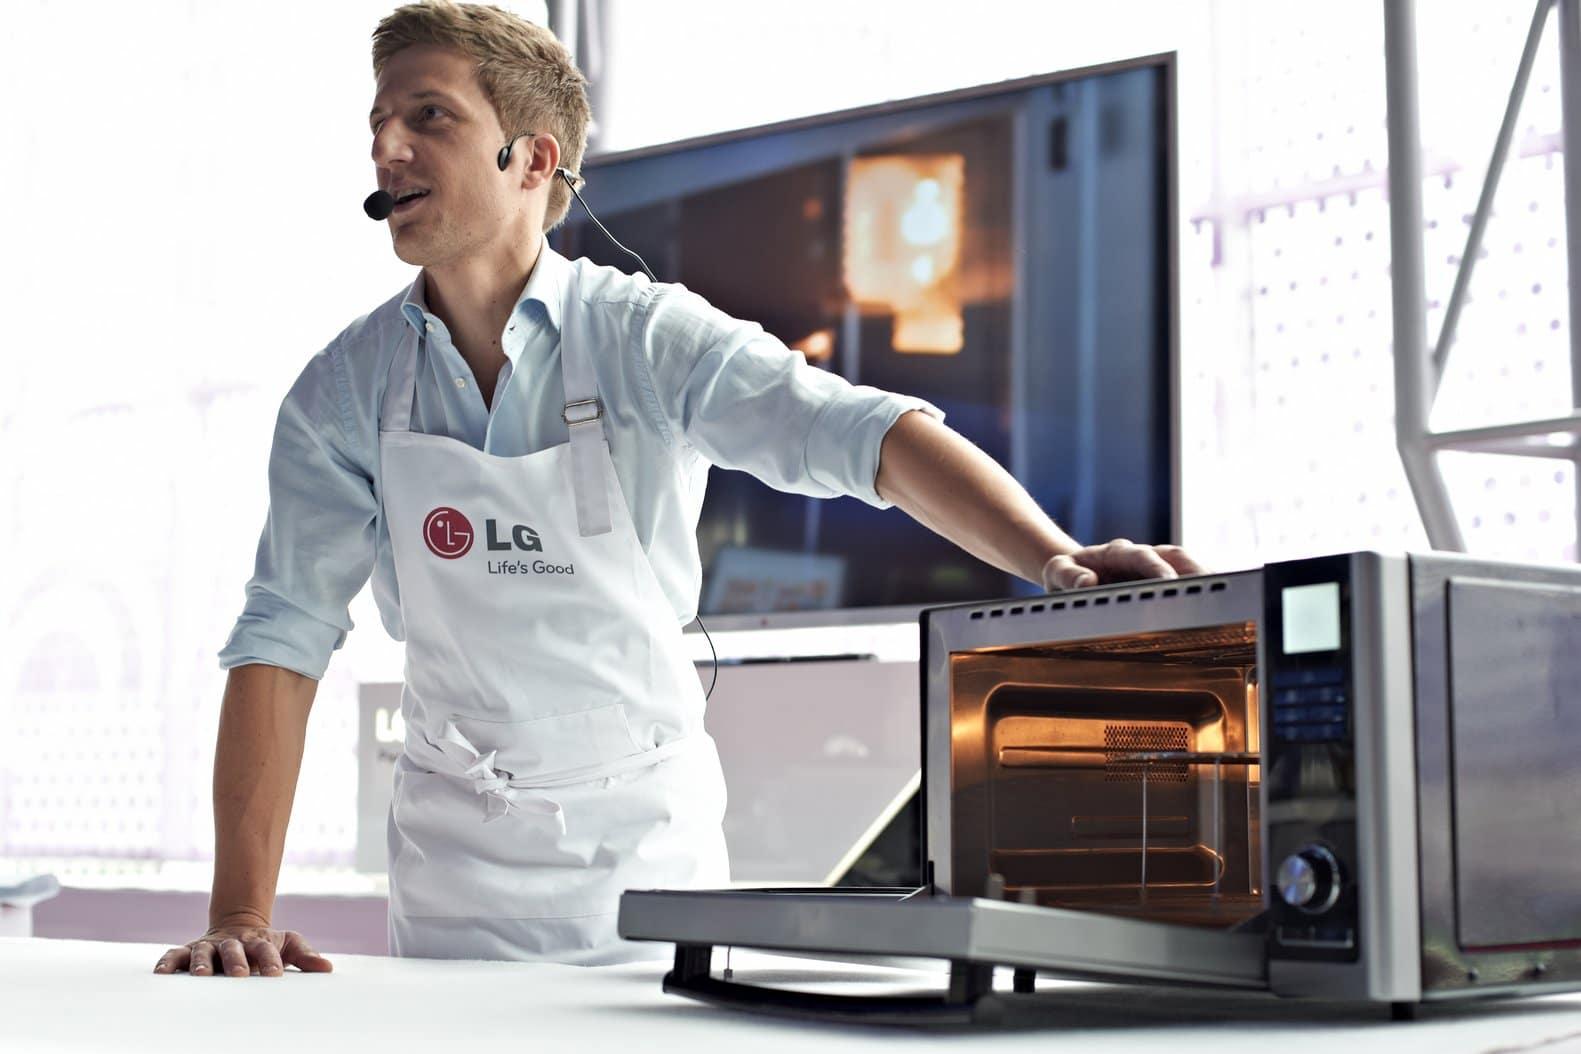 Urządzenie typu 3-w-1, łączy w sobie możliwości i zalety tradycyjnego piekarnika, kuchenki mikrofalowej oraz grilla węglowego